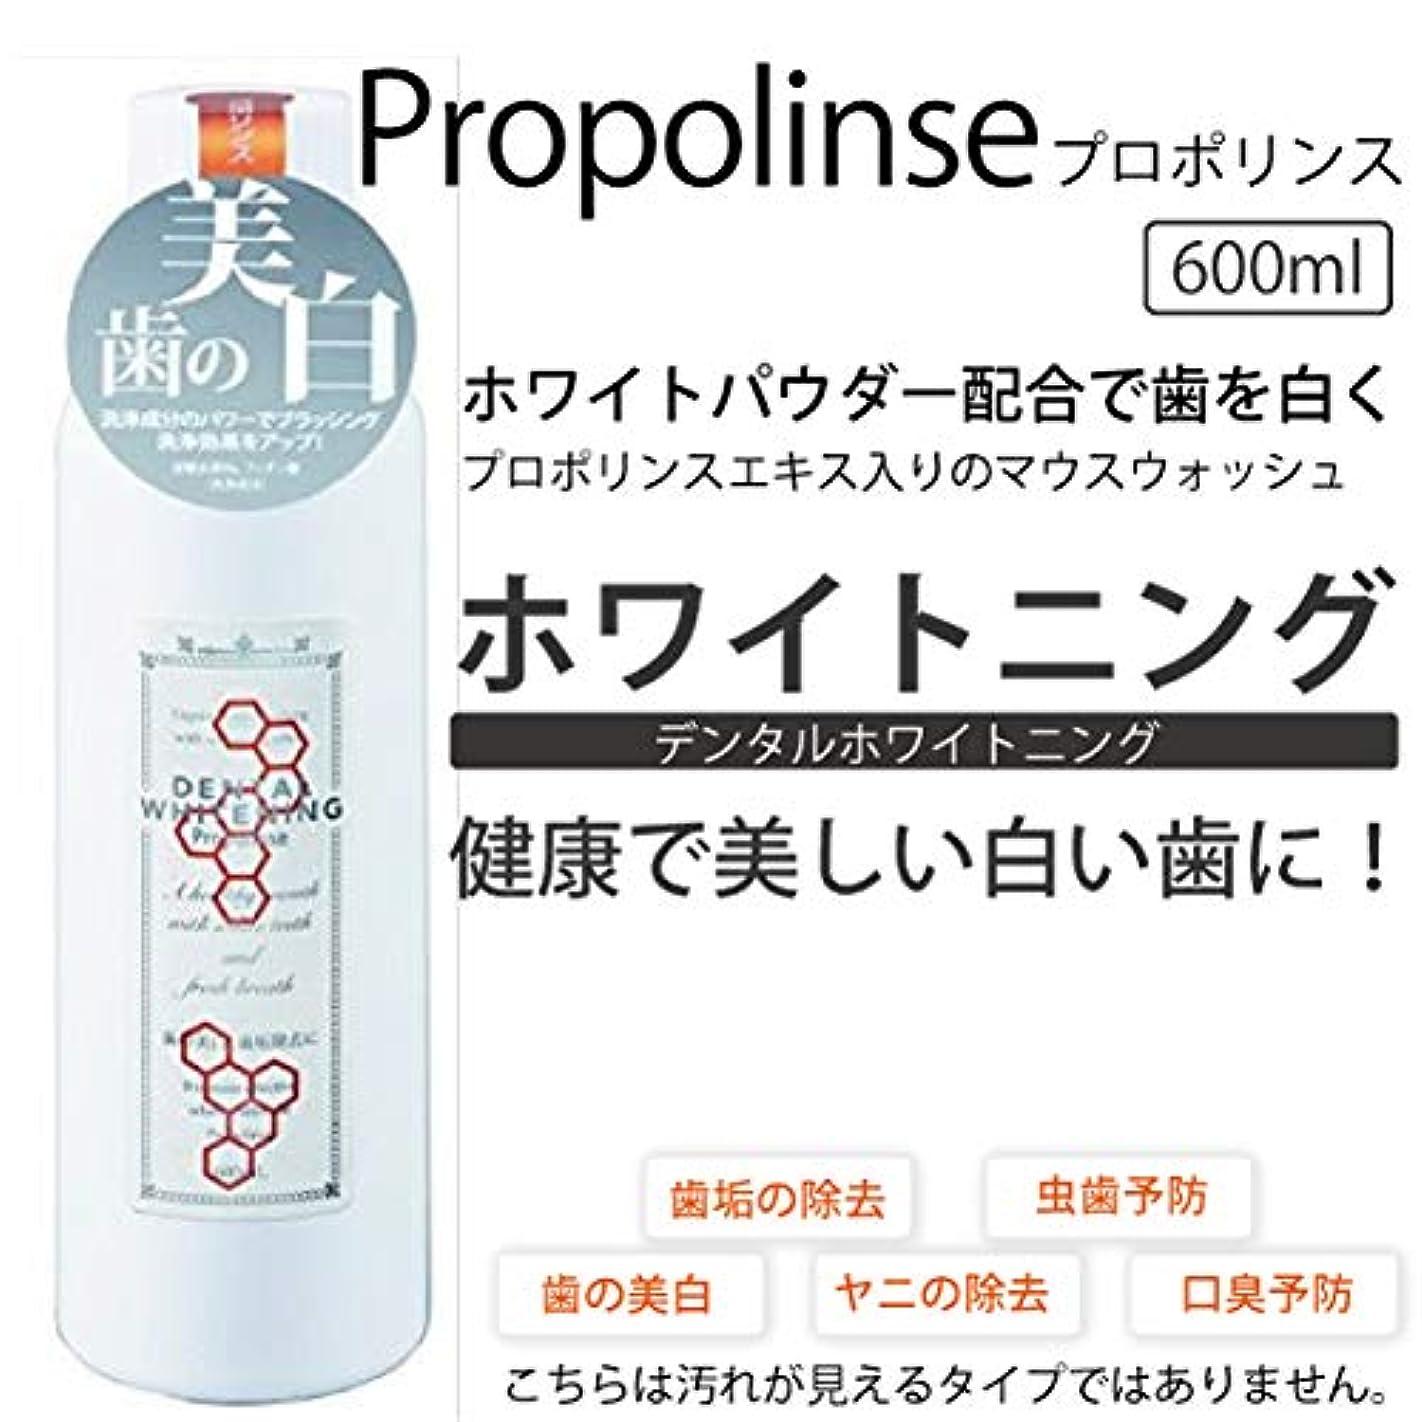 戦士ワイン安価なプロポリンス マウスウォッシュ デンタルホワイトニング (ホワイトパウダー配合で歯を白く) 600ml [30本セット] 口臭対策